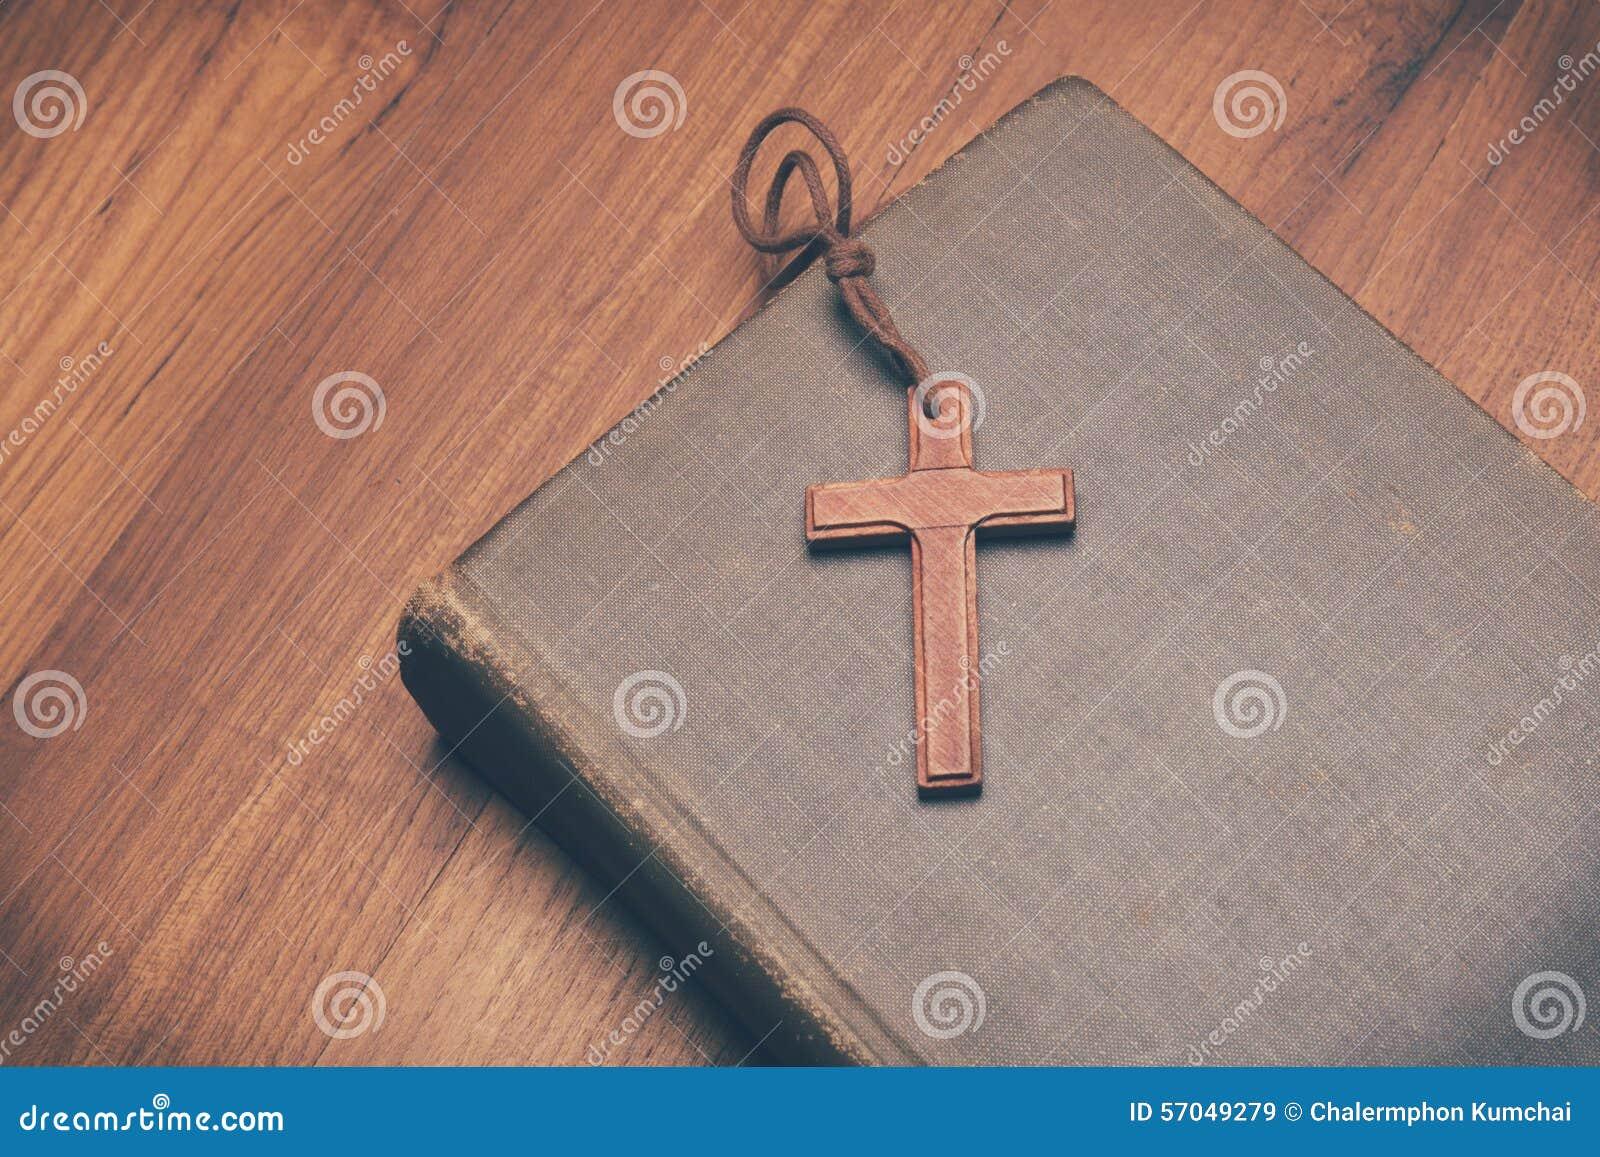 Tono del vintage del collar cruzado cristiano de madera en la Sagrada Biblia